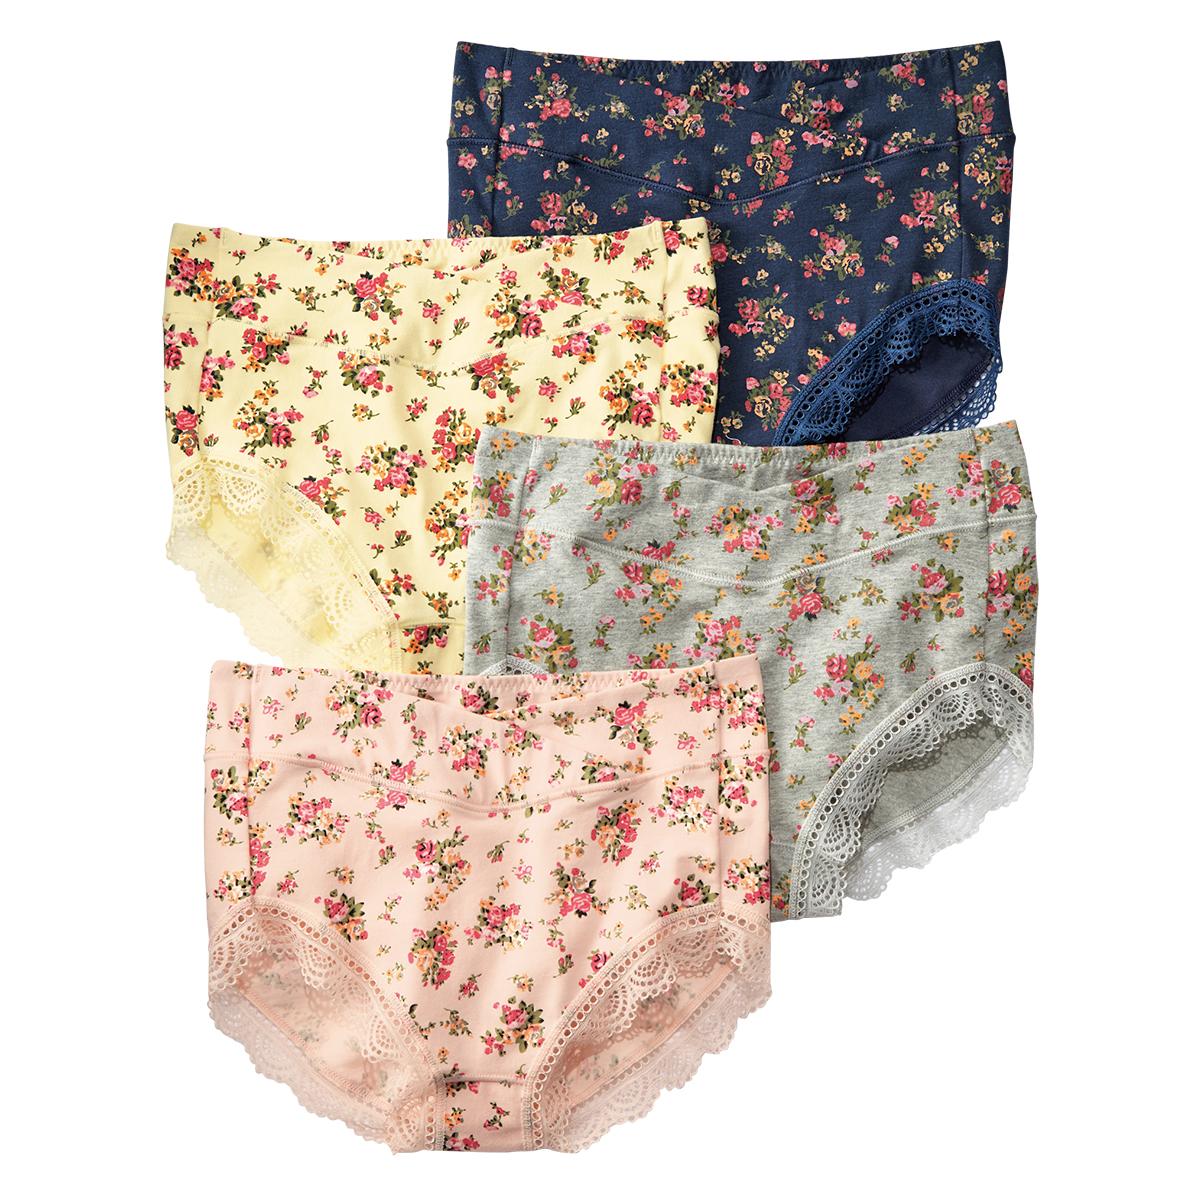 日本NISSEN代购正品 95%棉高腰反折舒适小花内裤4条组